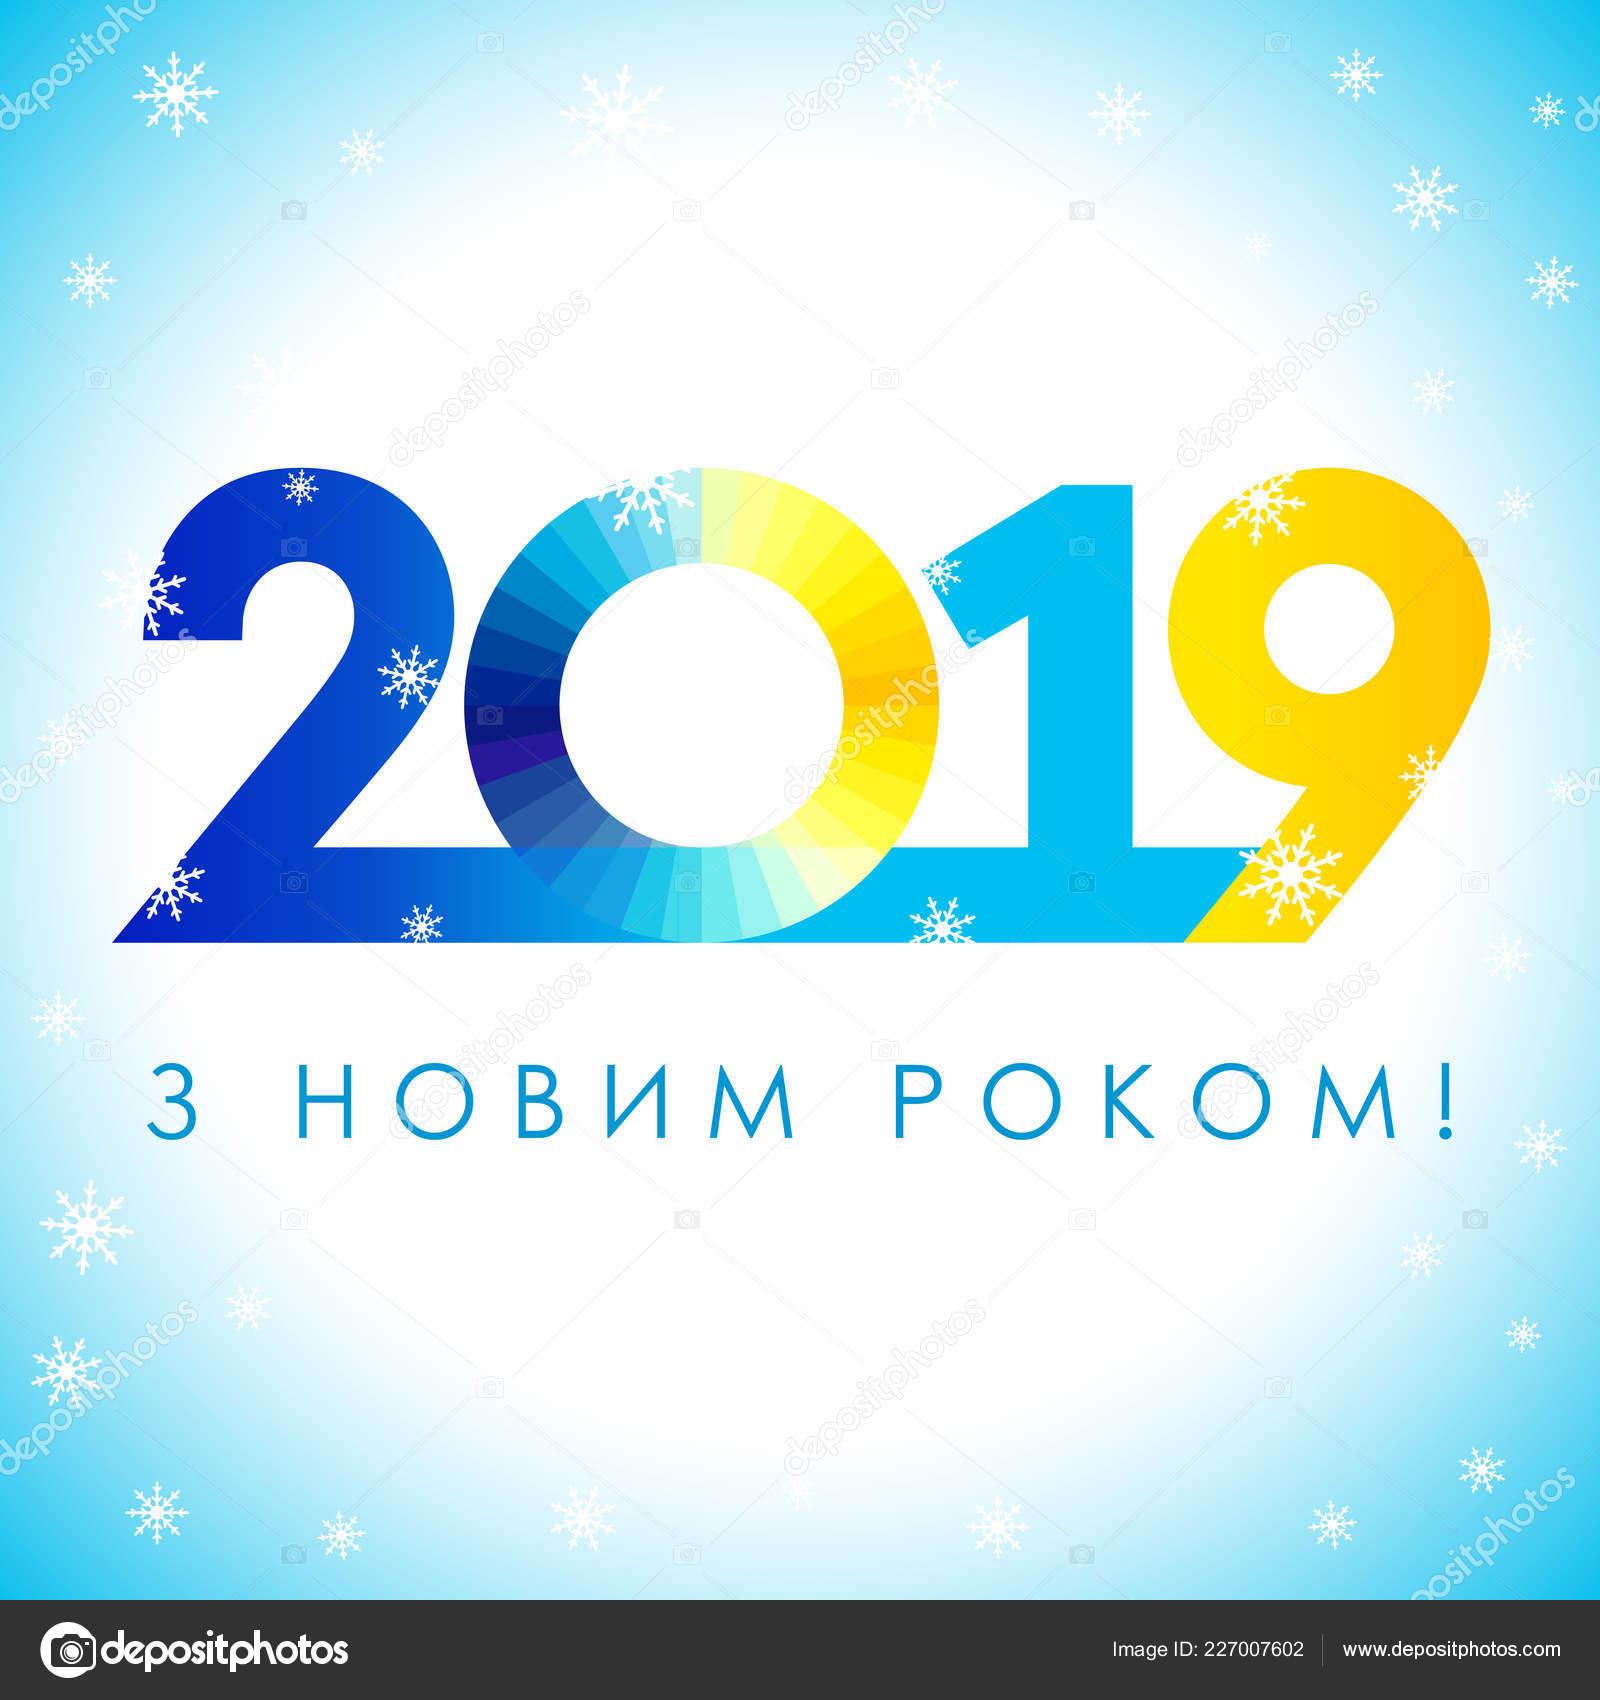 Frohe Weihnachten Ukrainisch.2019 Gelbe Blau Neujahr Ukrainischen Grusskarte Schriftzug